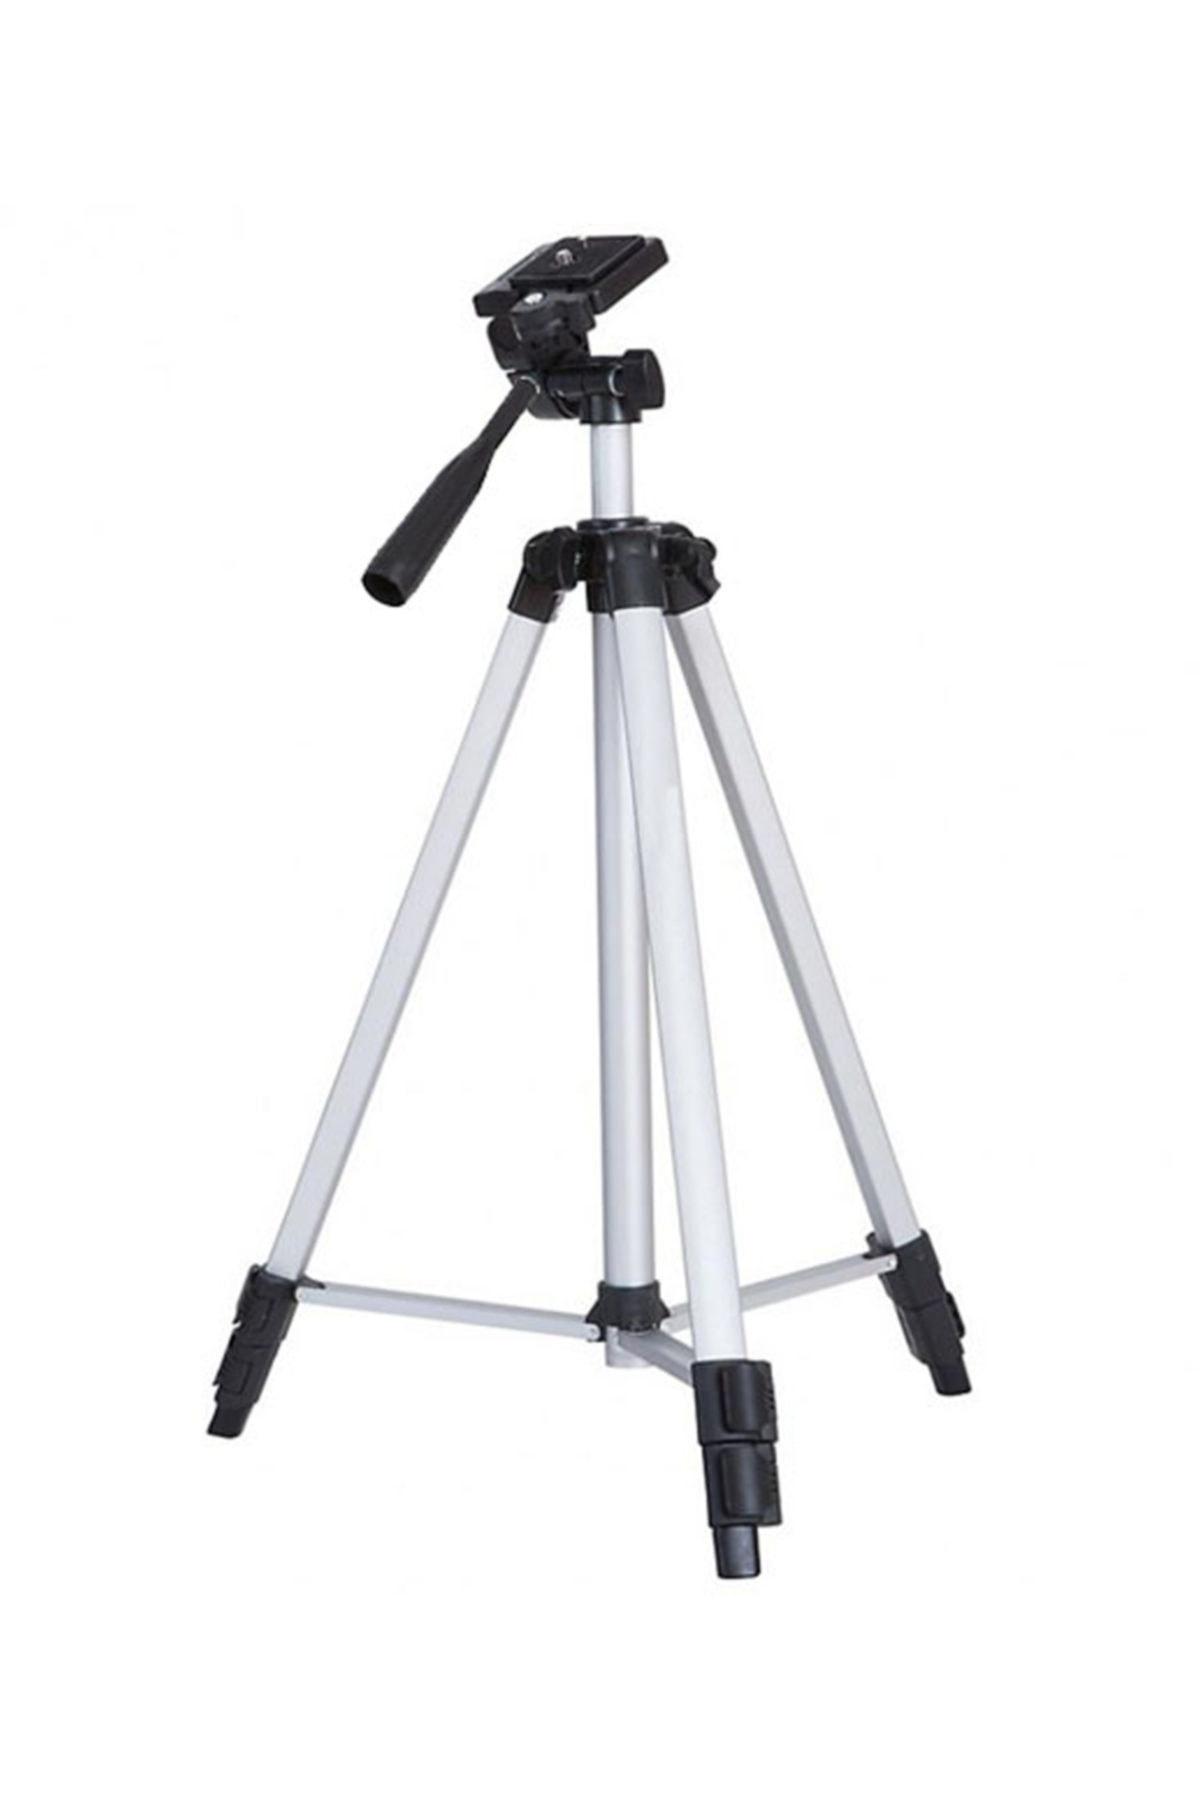 Trendmallar Fotograf Makinesi Kamera Tripod Tripot Cantali